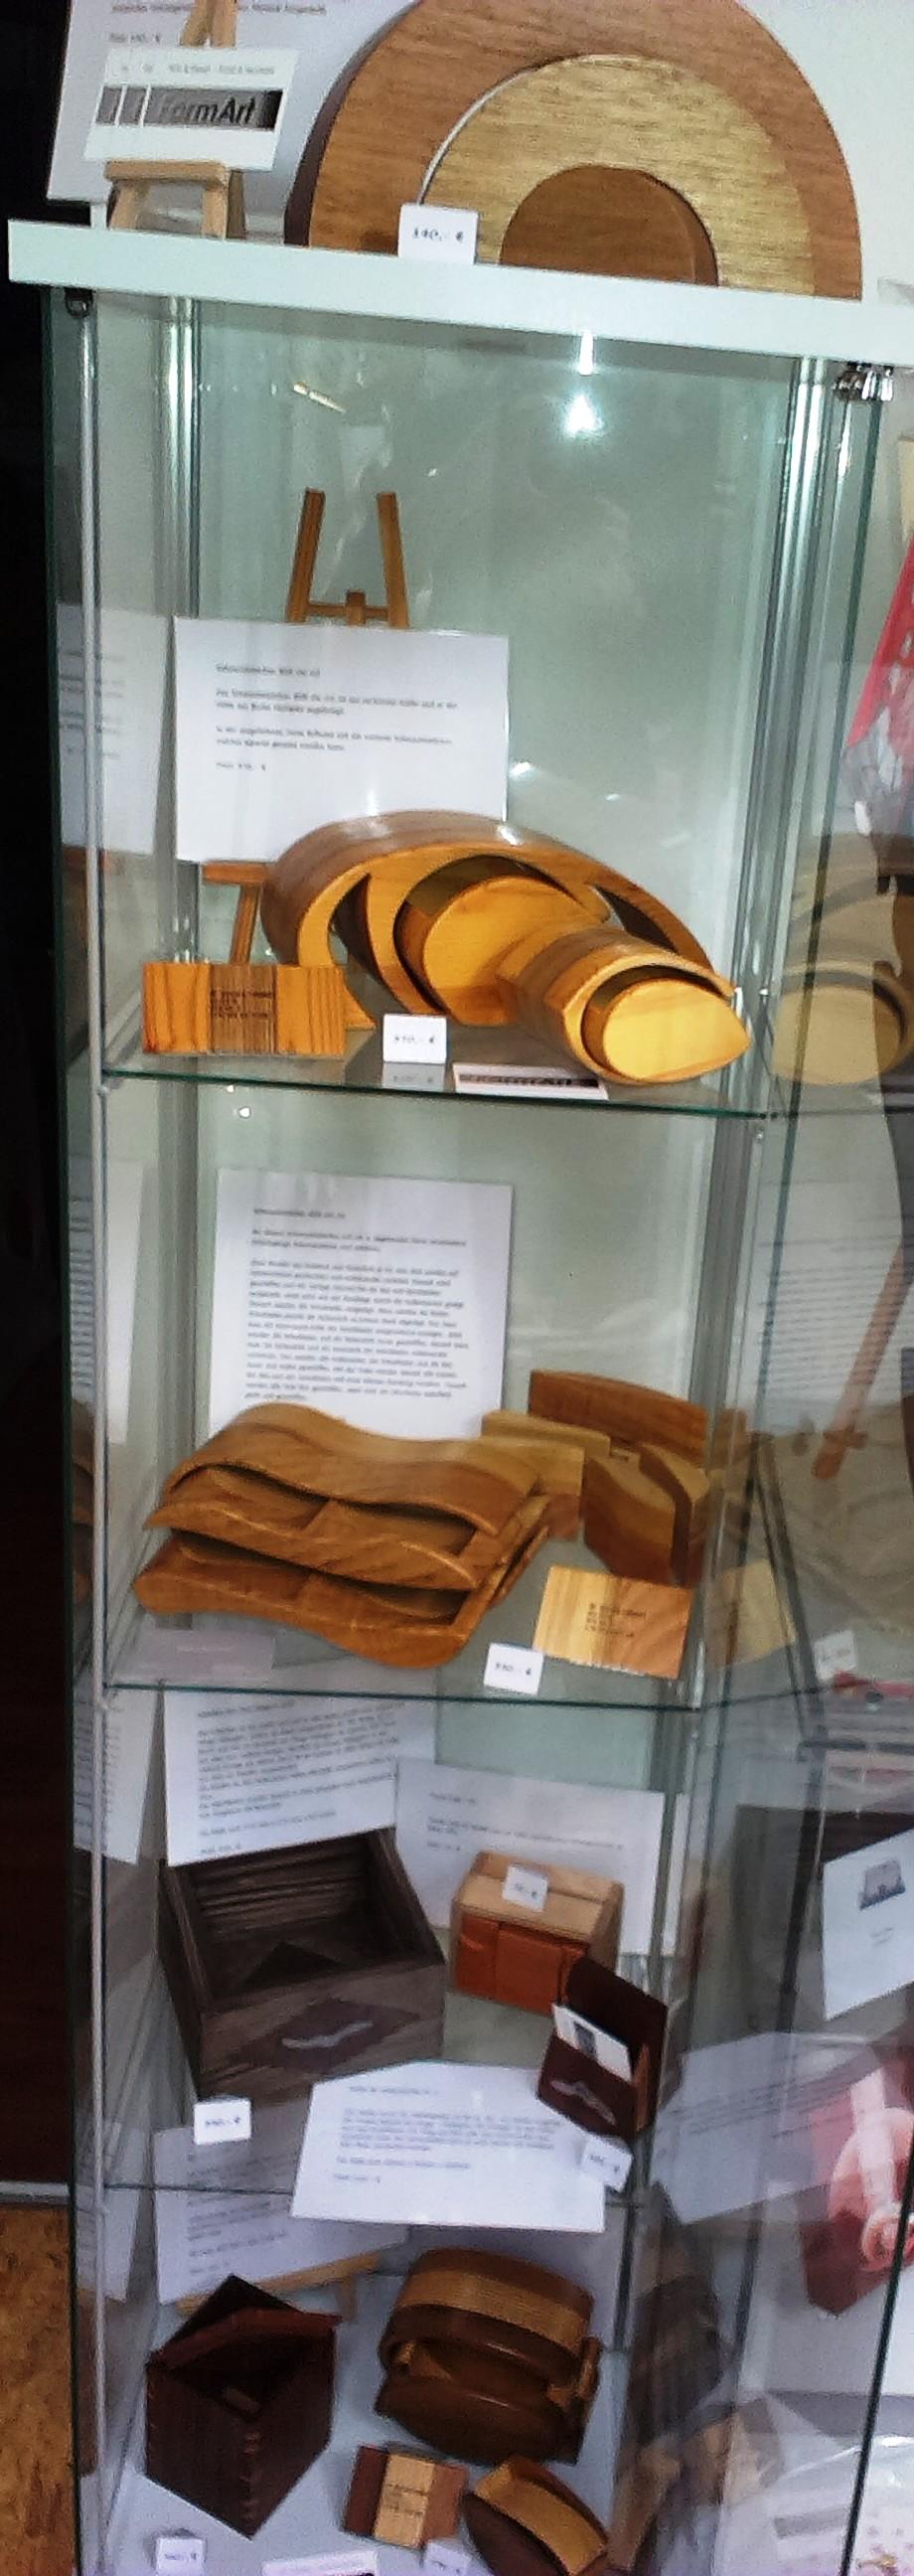 Ausstellung bei k jost kunst handwerk in offenbach for Offenbach kunst